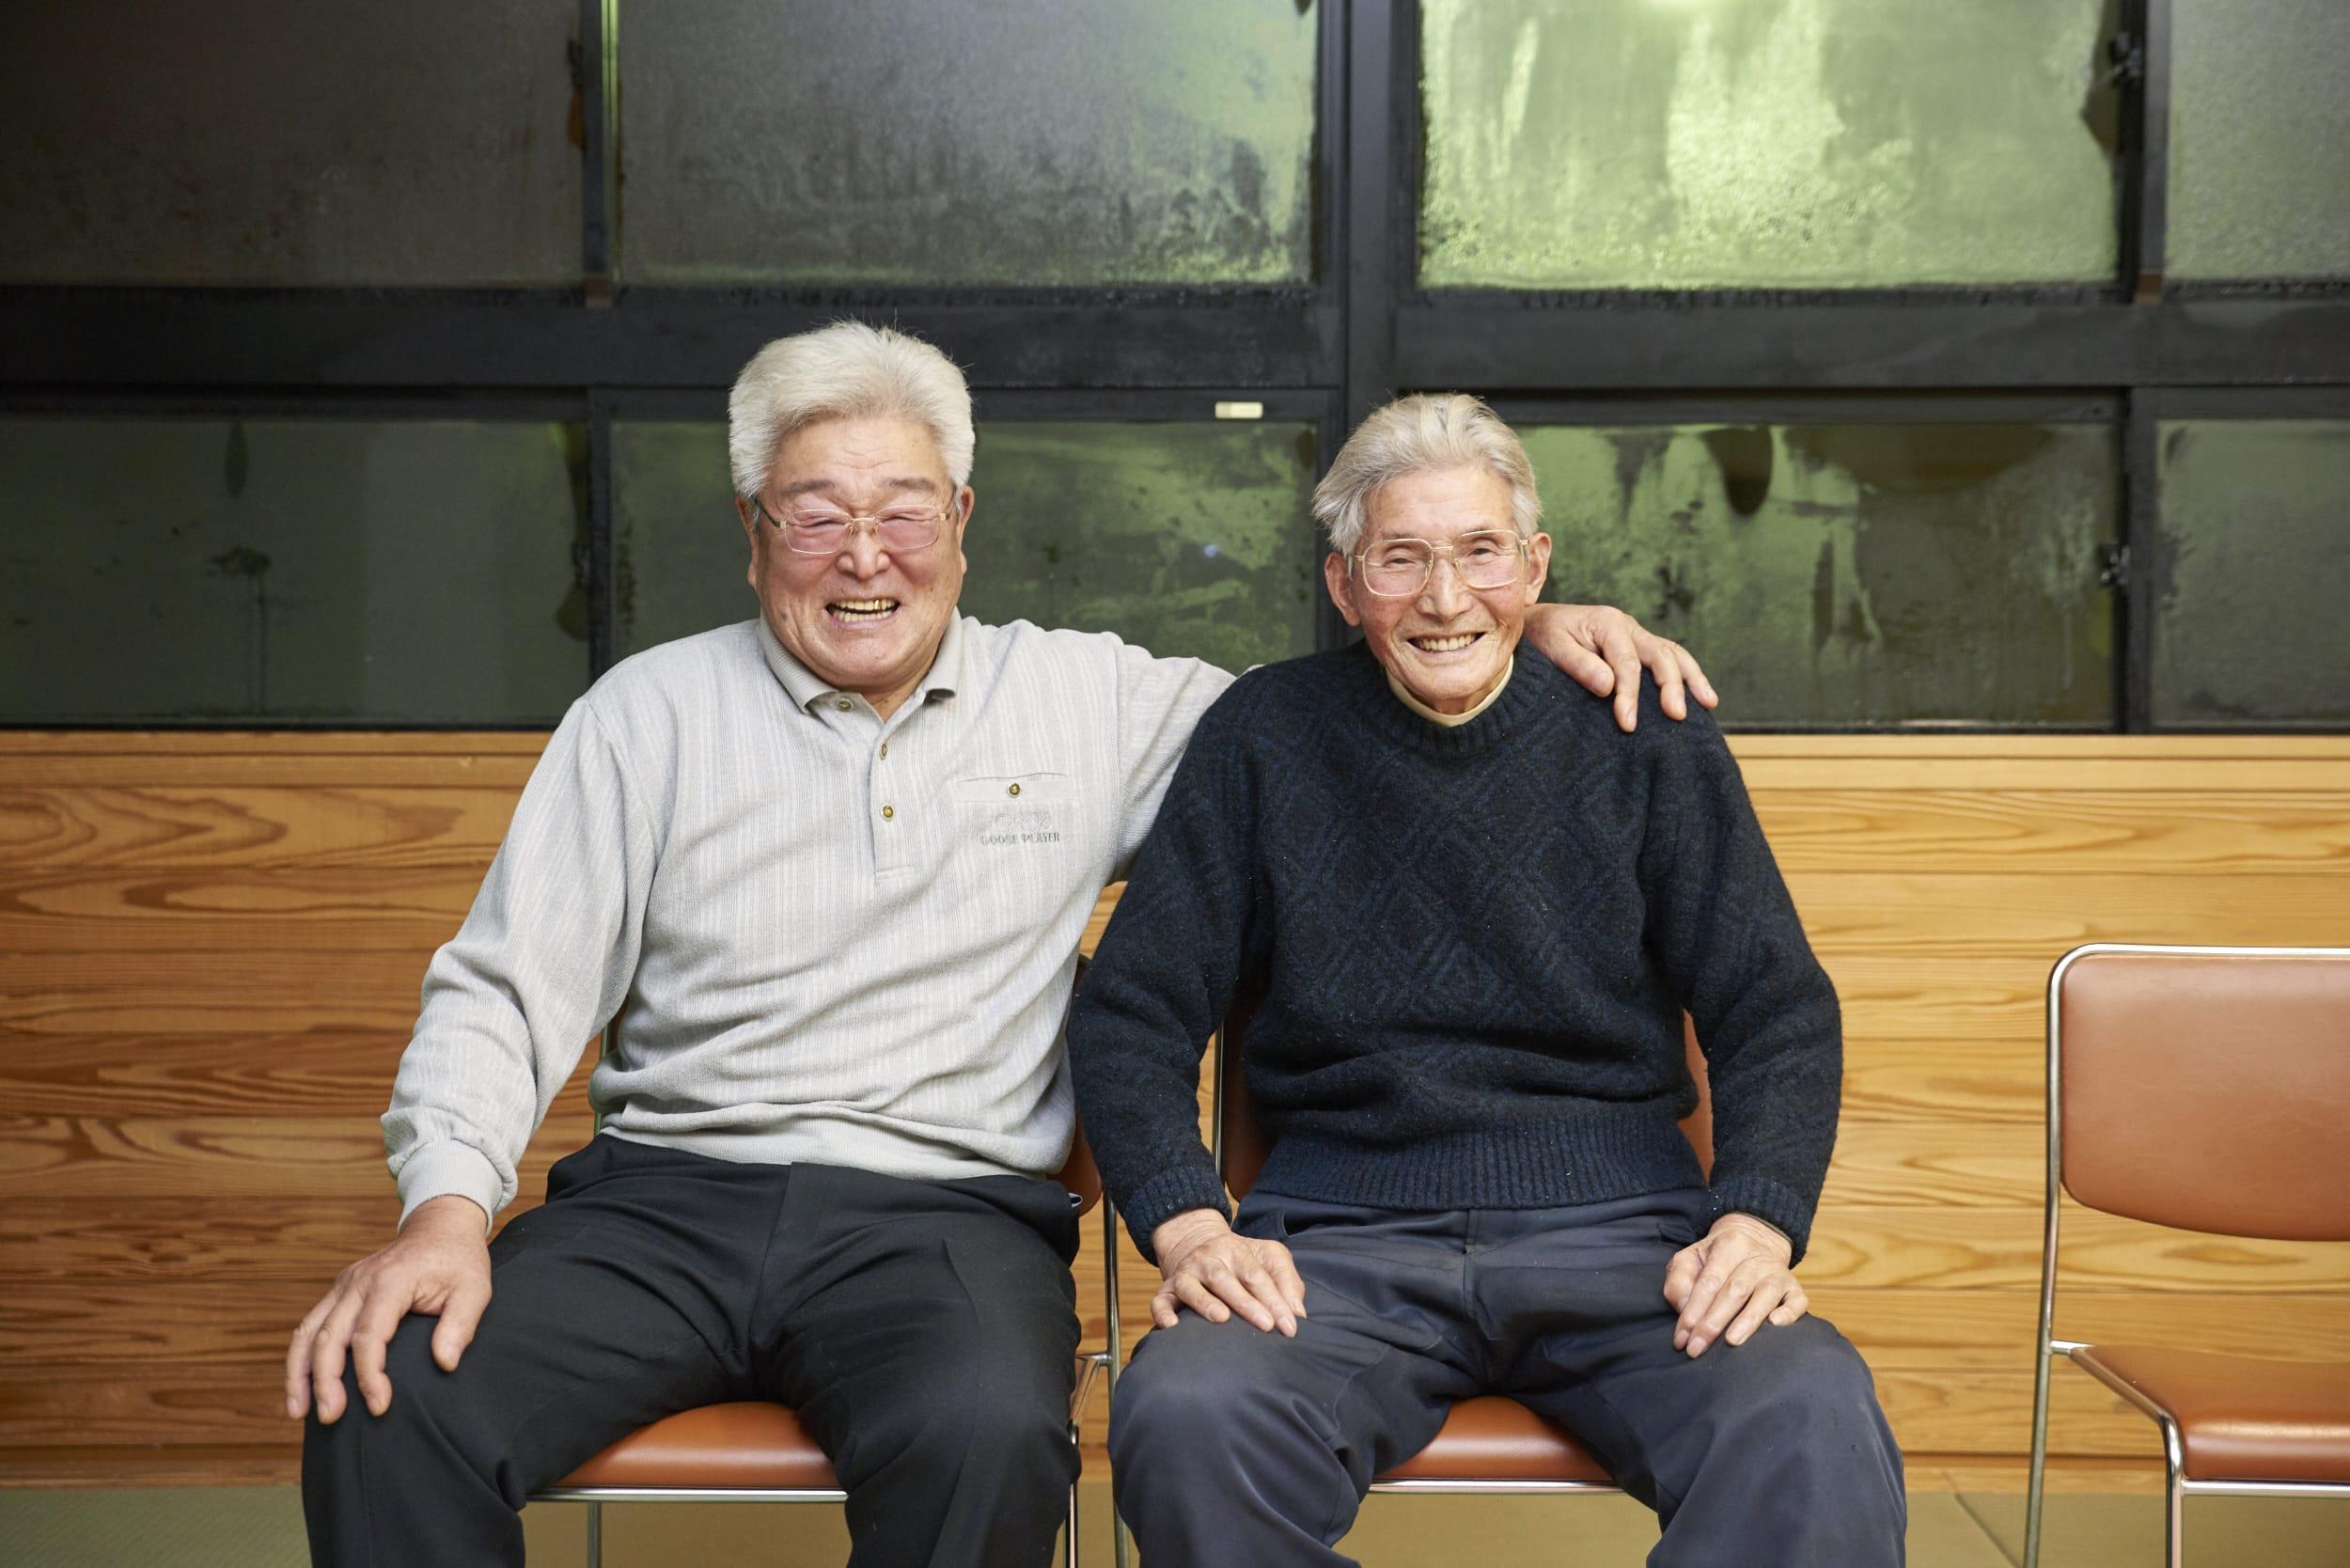 子どもたちが演技を終えた後のお師匠ふたり、佐藤金次郎さん(左)と佐藤敏雄さんの笑顔。「嬉しい」と言葉に出しては言わなかったけど、子どもたちの八木沢番楽を見れば、やっぱり心底うれしいはず。